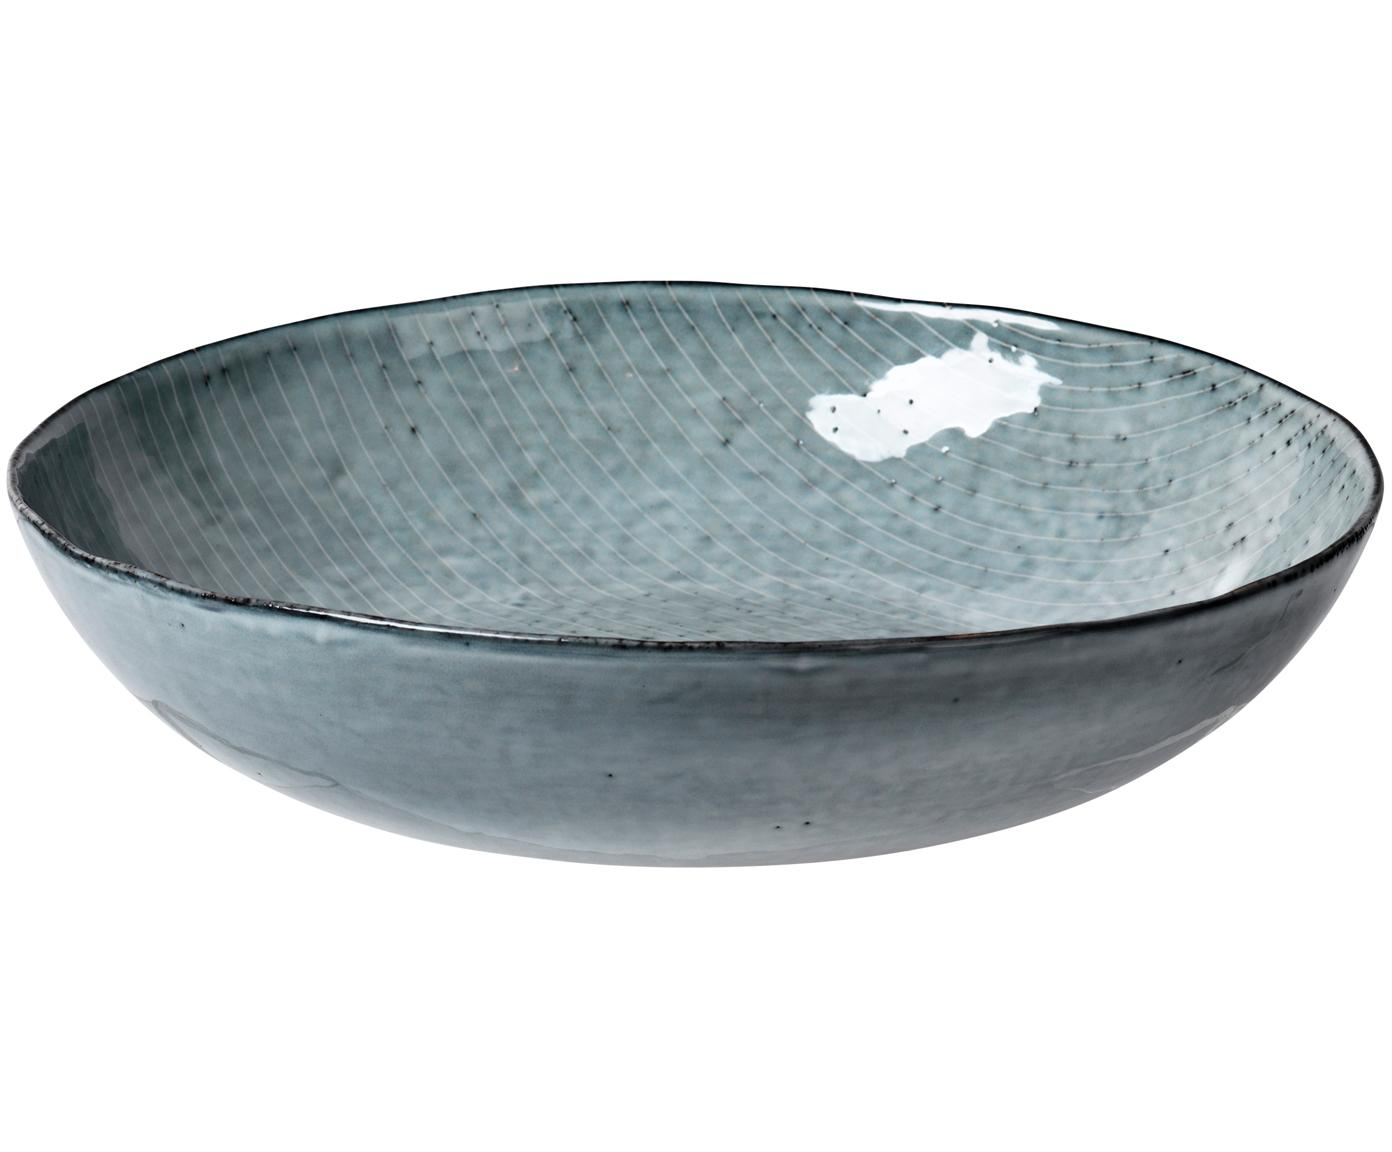 Ciotola da portata fatta a mano Nordic Sea, Terracotta, Tonalità grigie e blu, Ø 34 x Alt. 8 cm